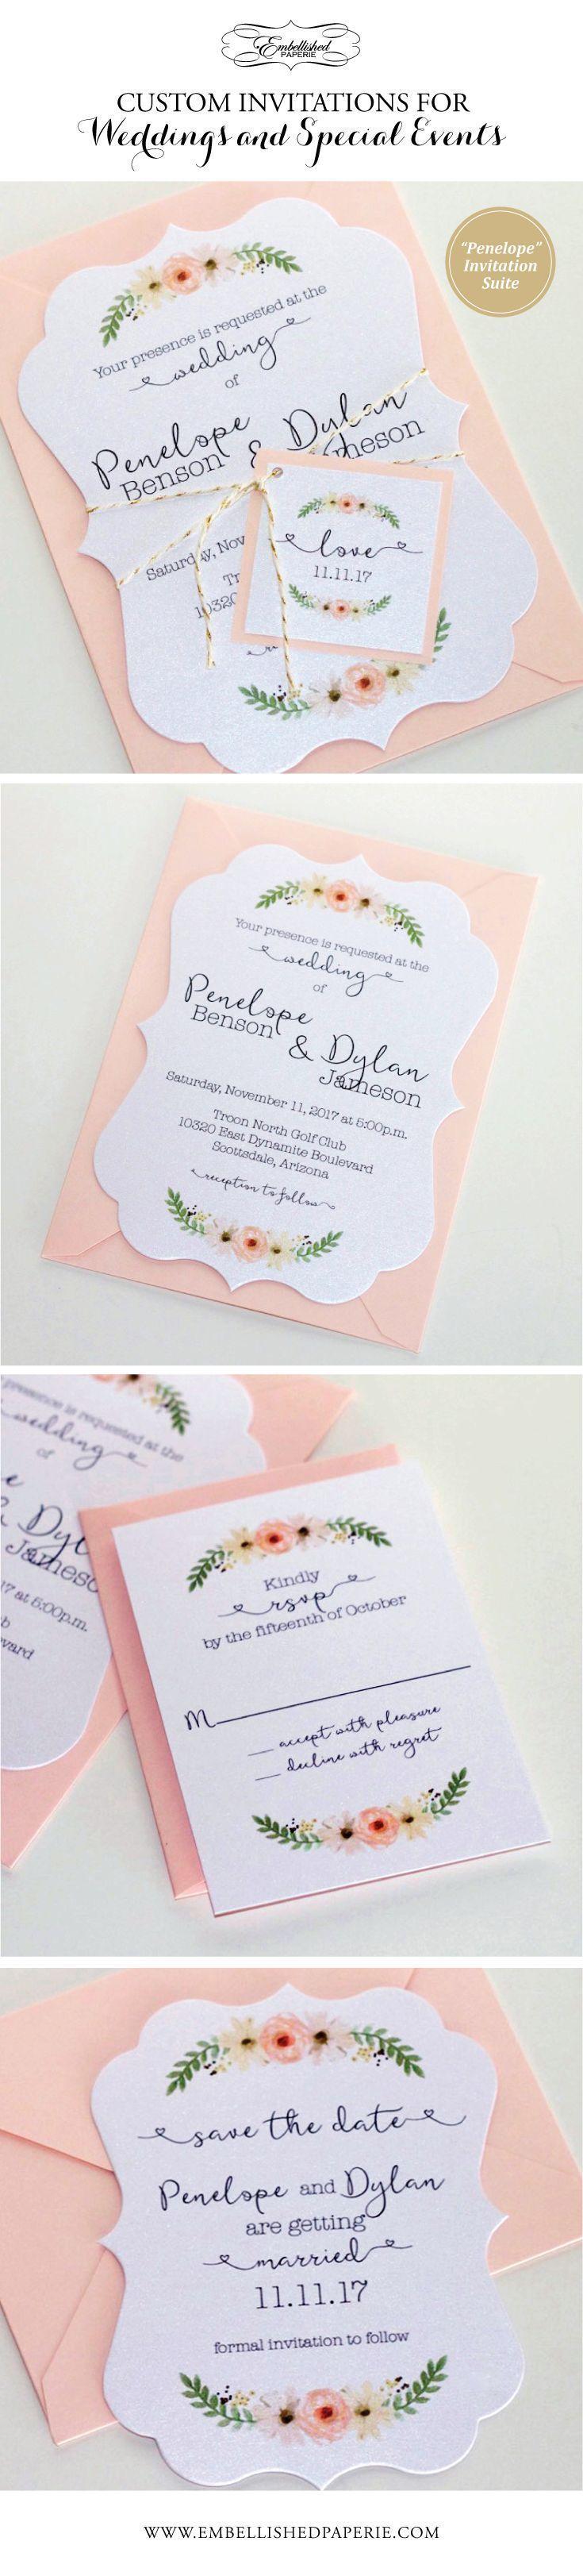 Vintage Floral Wedding Invitation, Elegant Wedding Invitation, Watercolor Wedding Invitation, Romantic Wedding, Blush – Penelope Sample